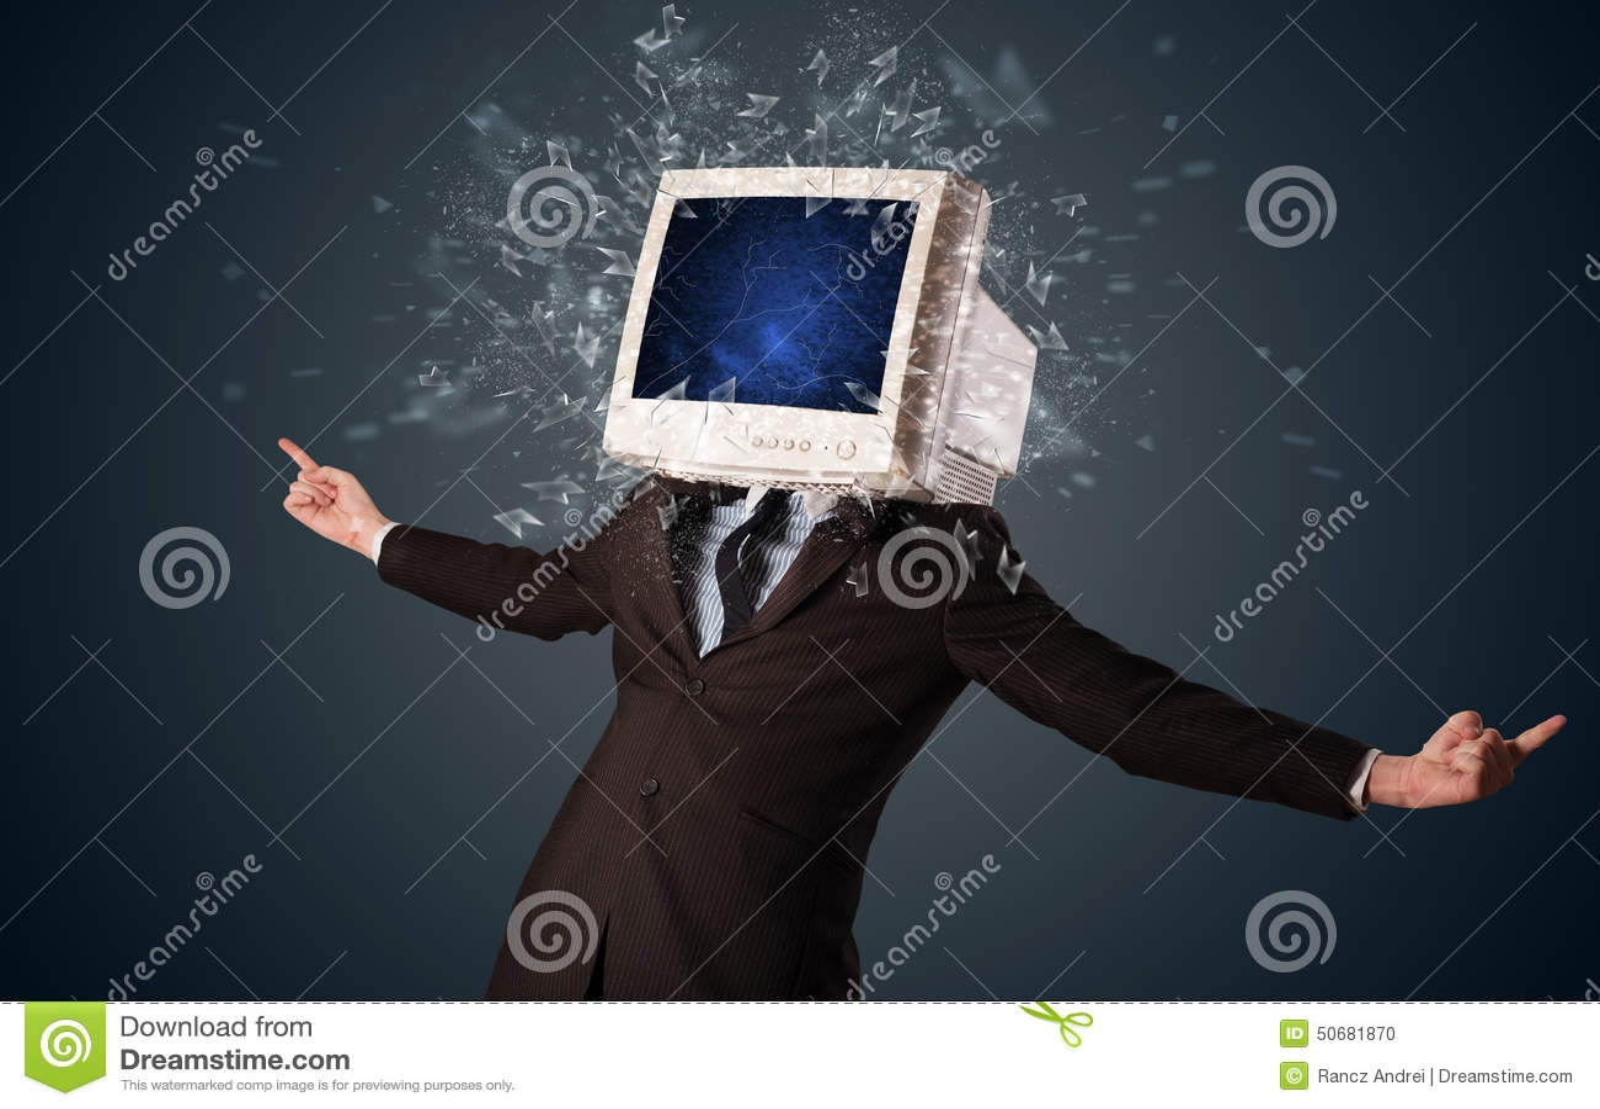 Download 计算机爆炸在的显示器屏幕年轻人朝向 库存照片. 图片 包括有 科学, 图标, 商业, 圈子, 玻璃, 要素 - 50681870